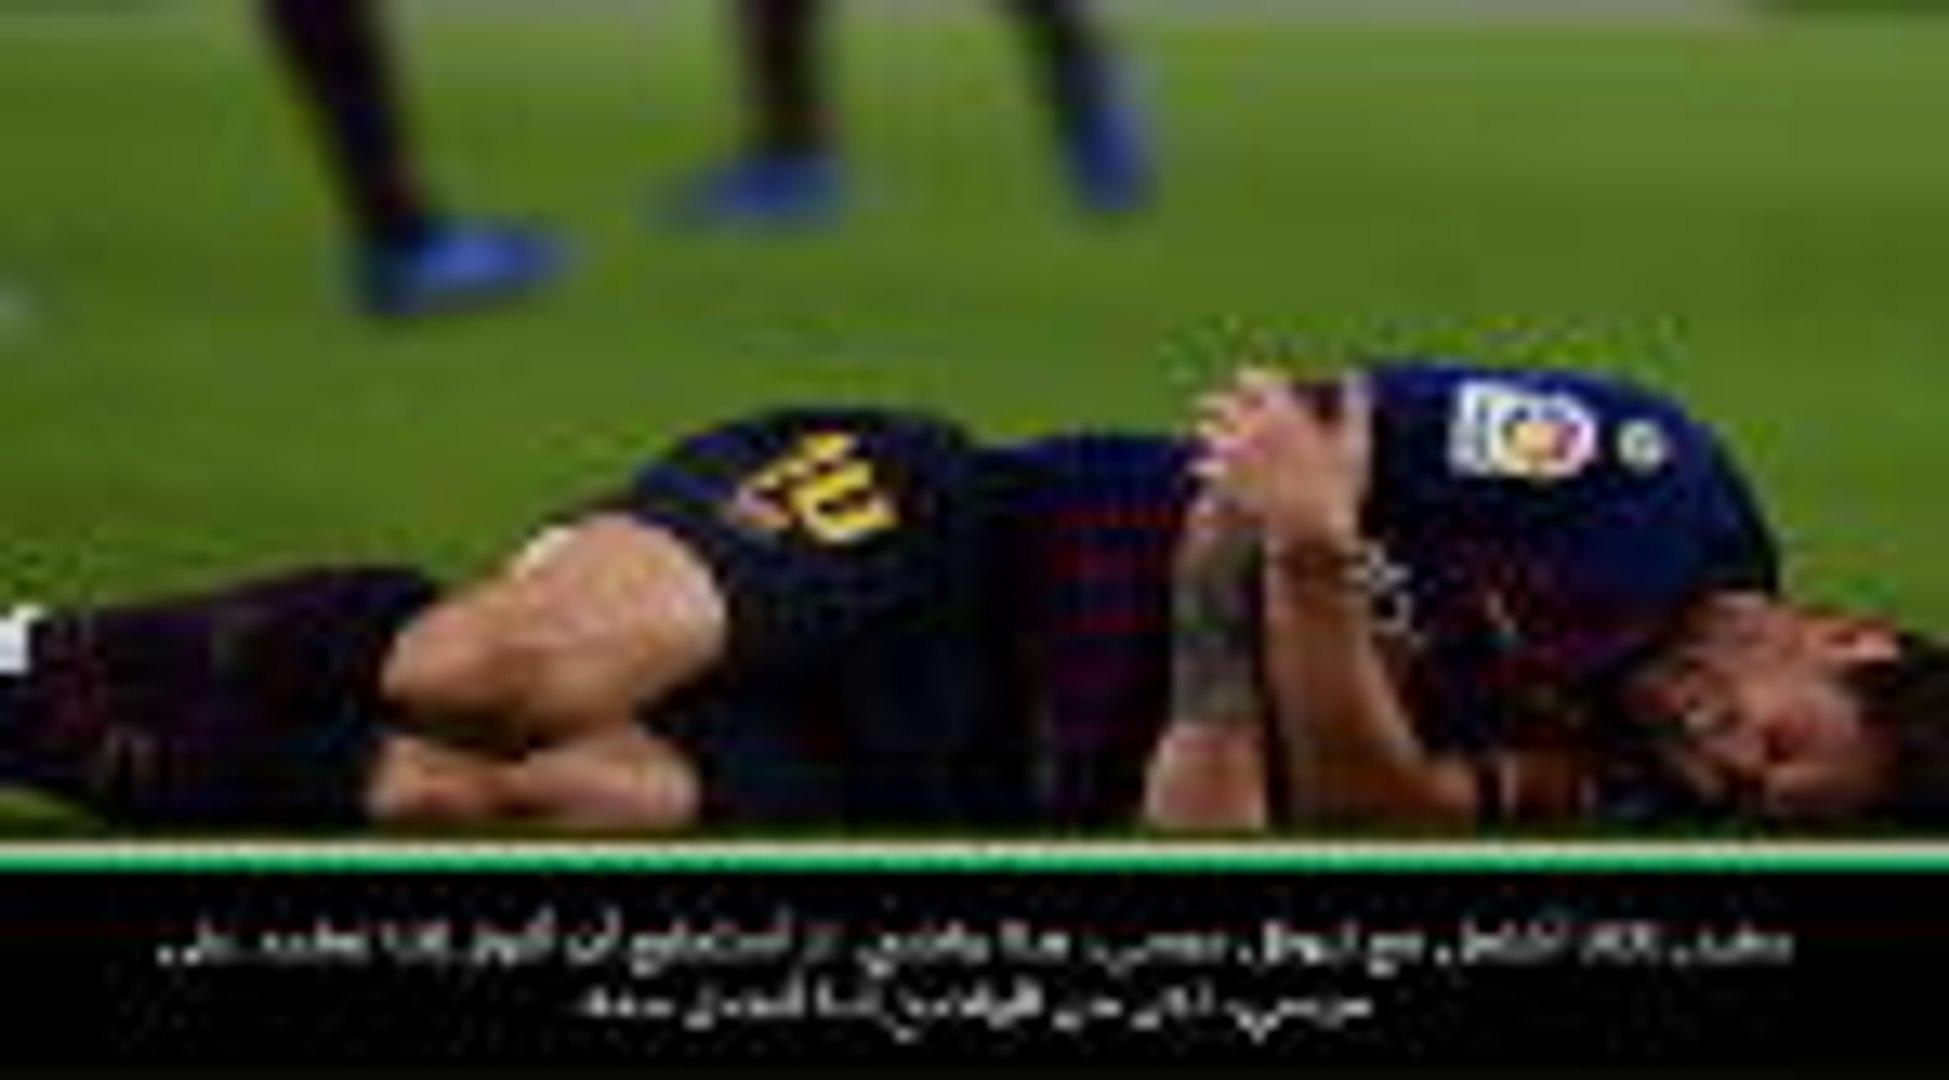 عام: كرة قدم: برشلونة سيعاني بغياب ميسي- ألبا